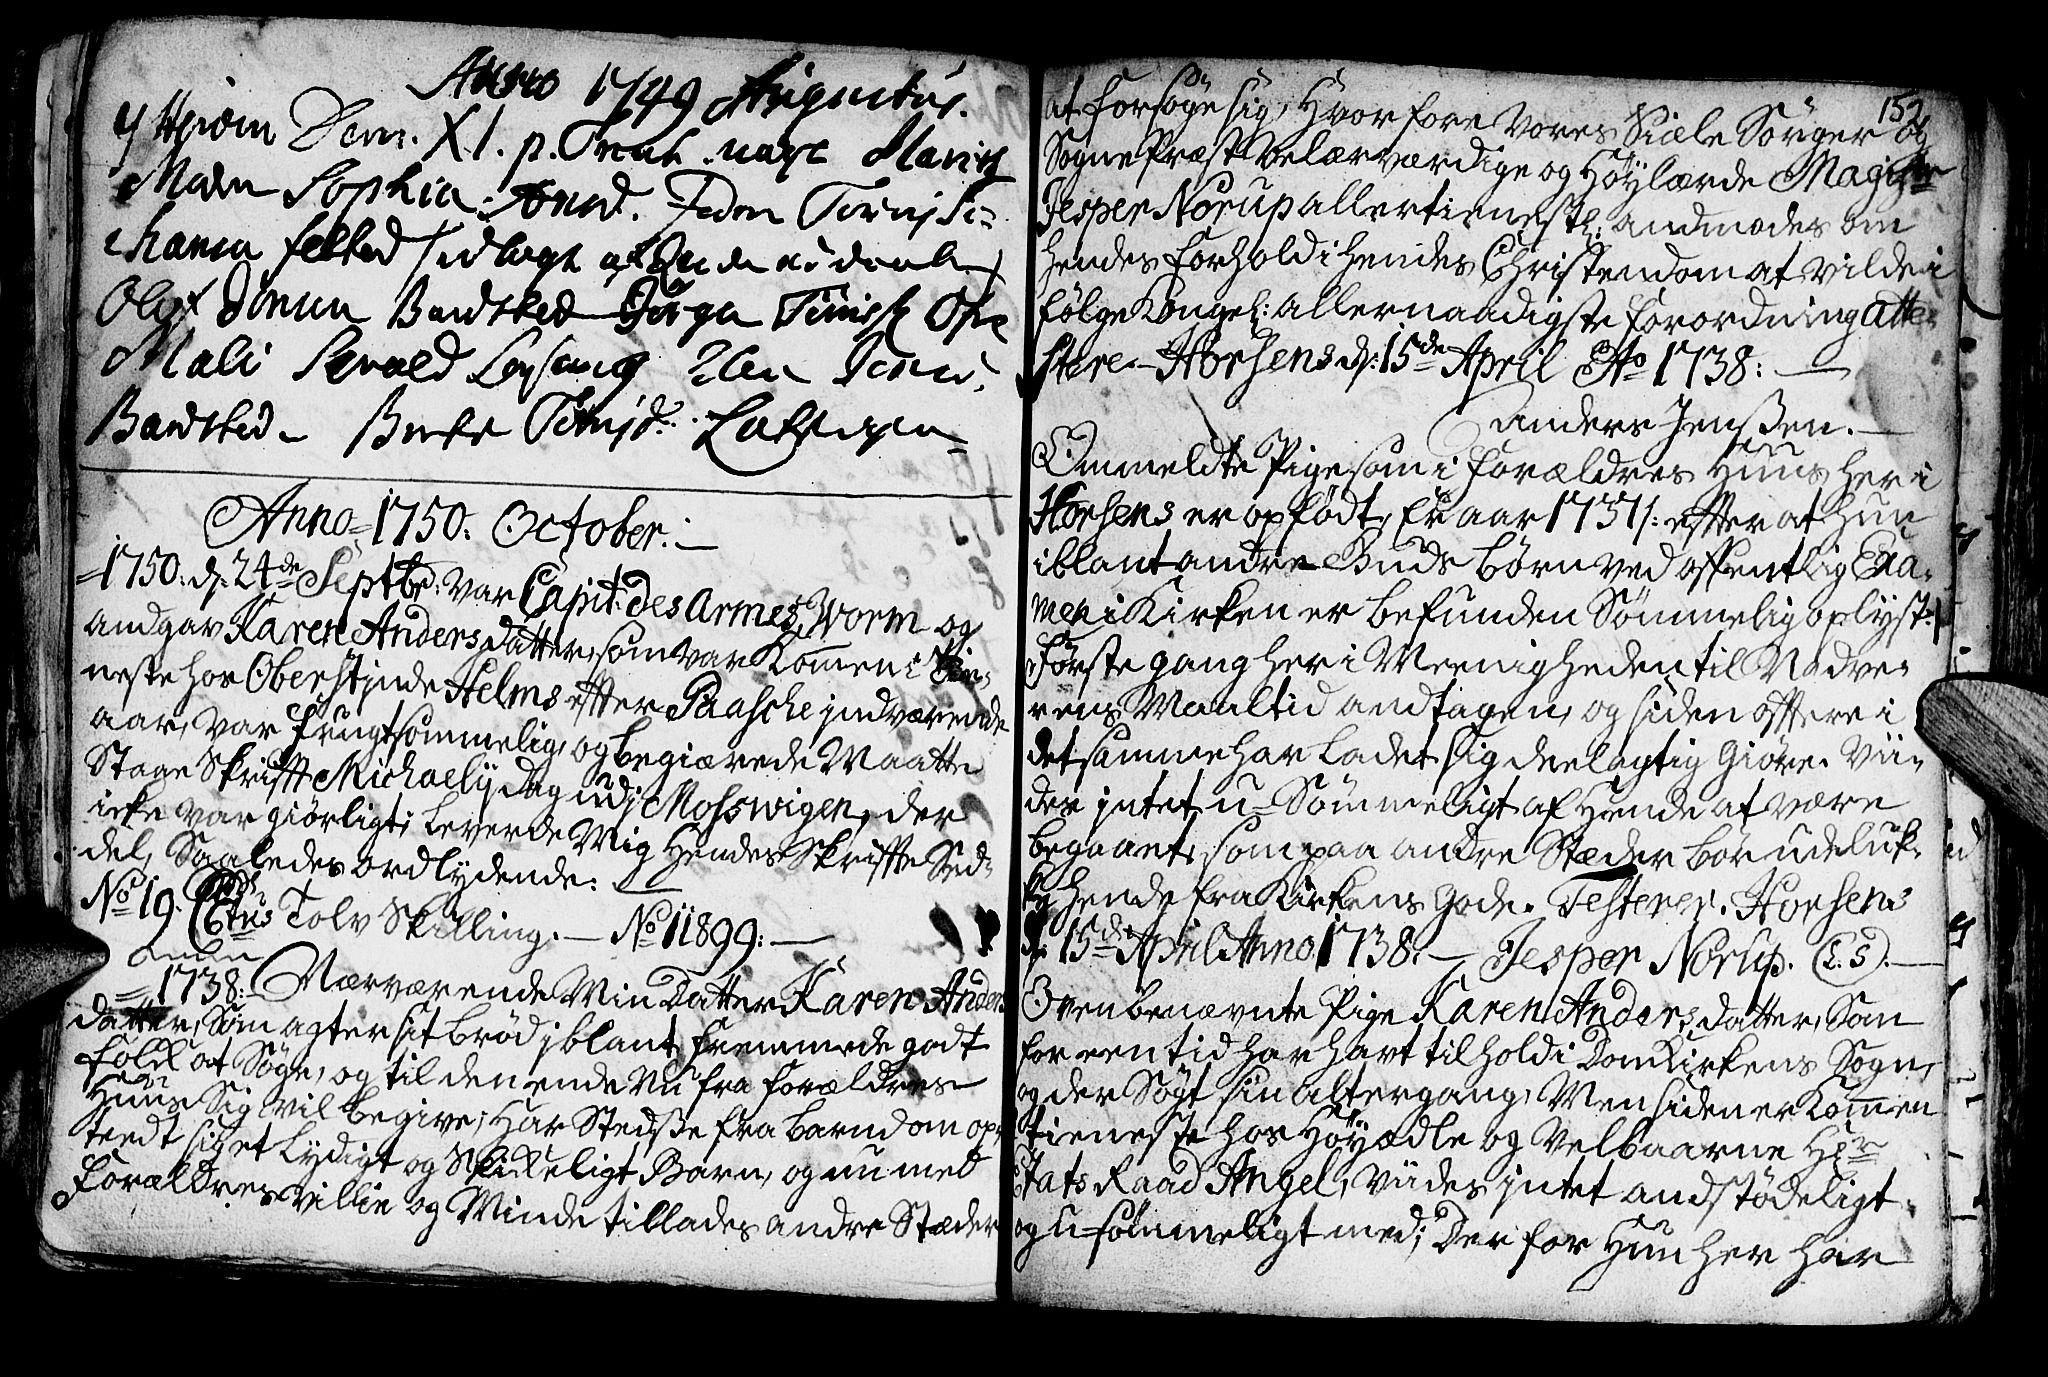 SAT, Ministerialprotokoller, klokkerbøker og fødselsregistre - Nord-Trøndelag, 722/L0215: Ministerialbok nr. 722A02, 1718-1755, s. 152